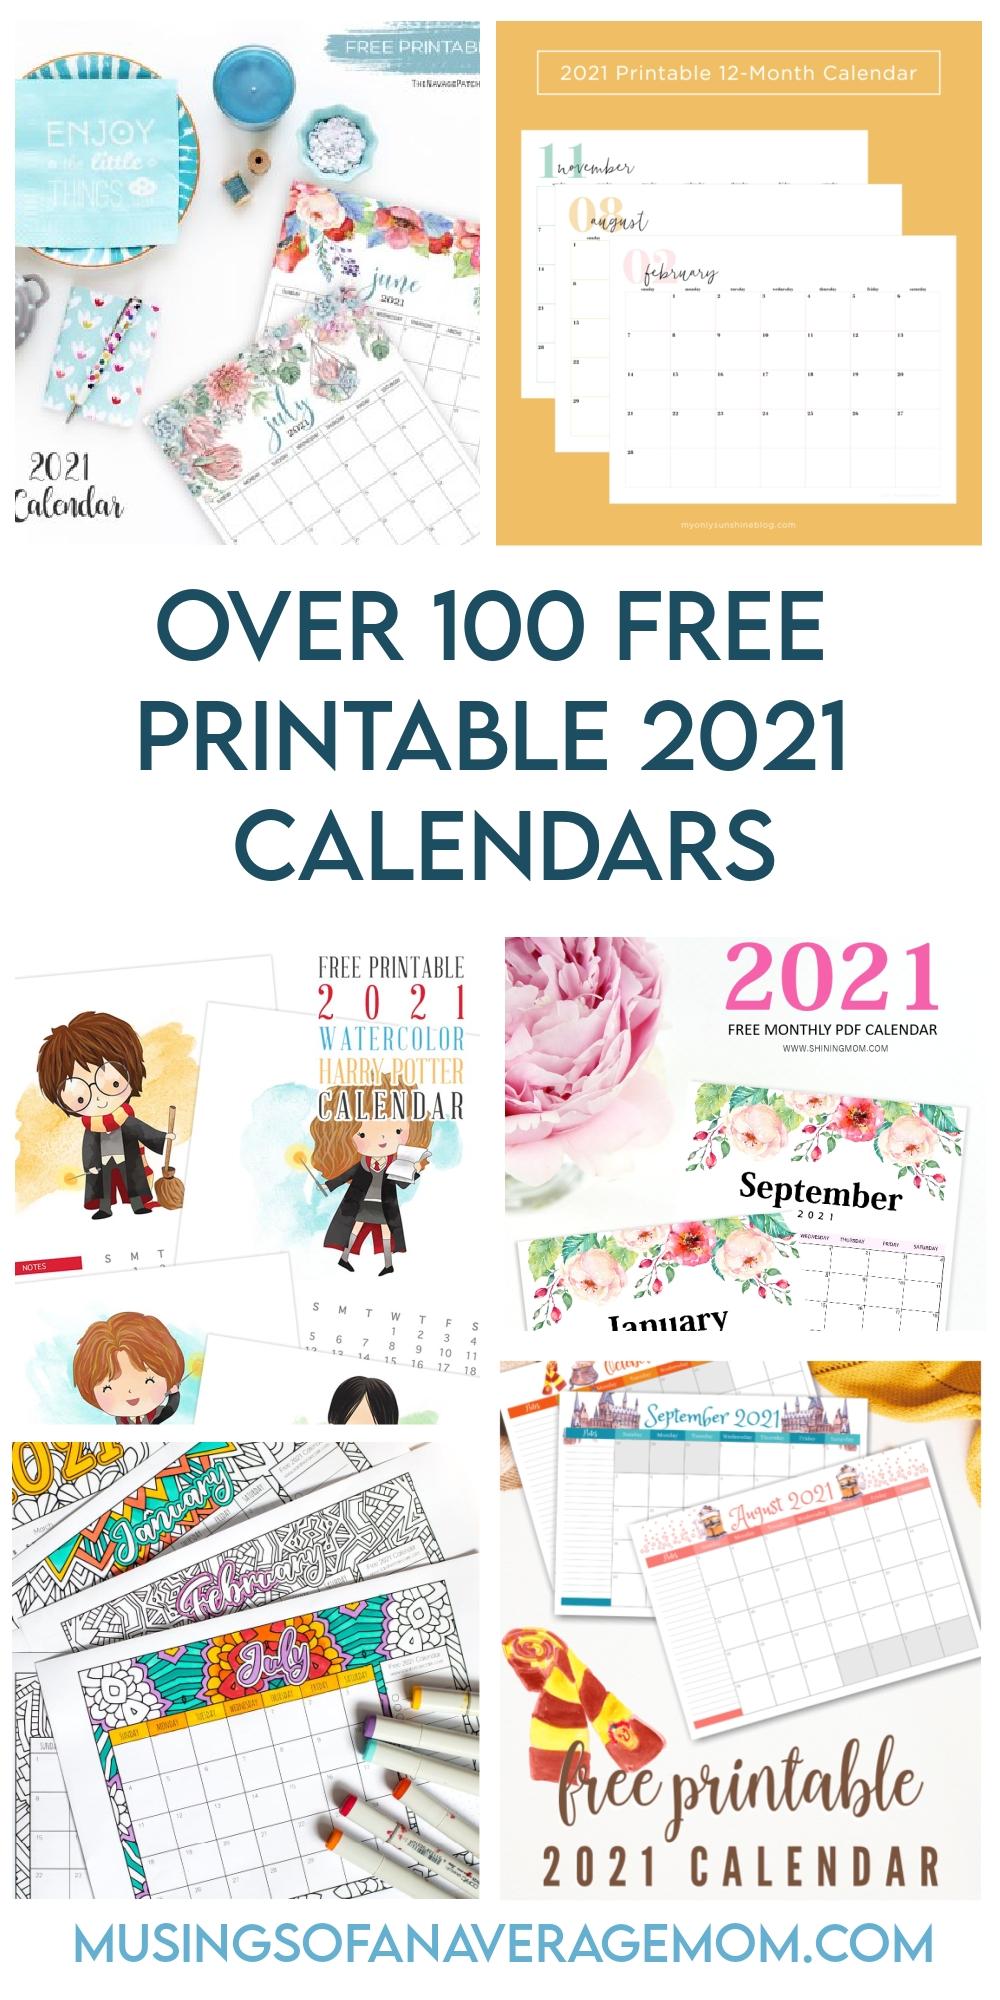 Collect November 2021 Caendar Printable Disney